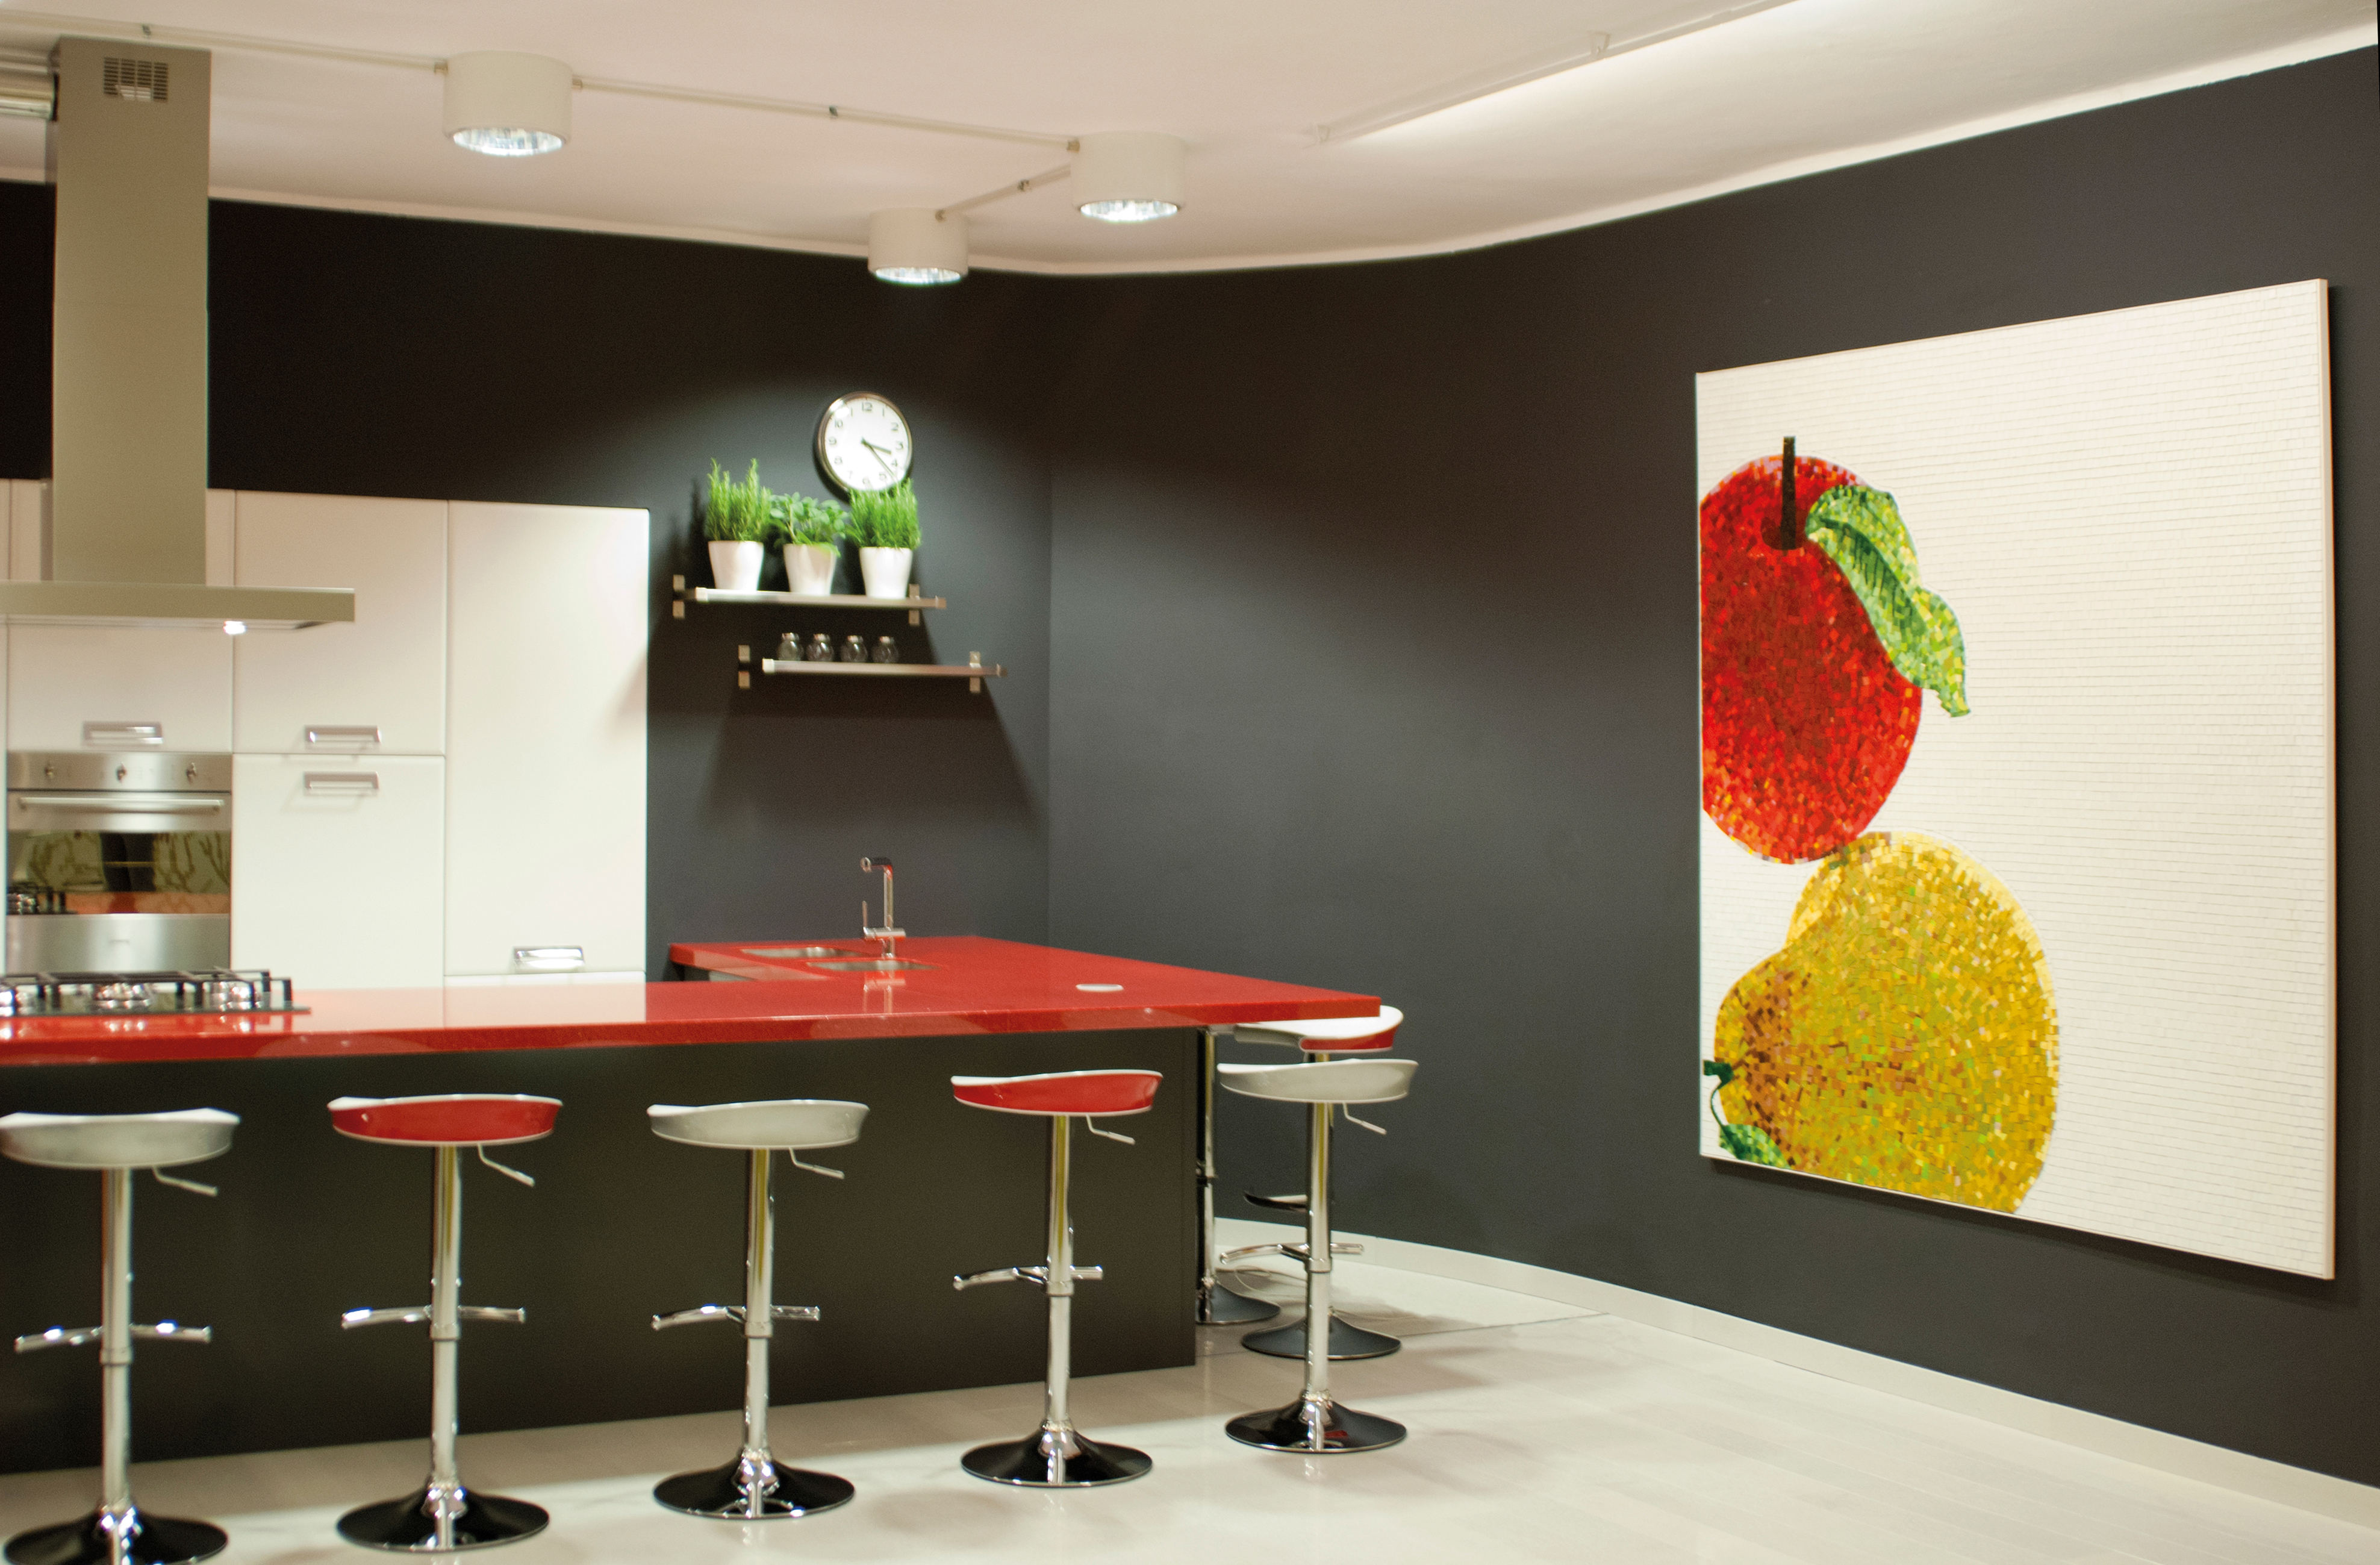 Design your own kitchen cabinets ztil news Kitchen cabinets design your own